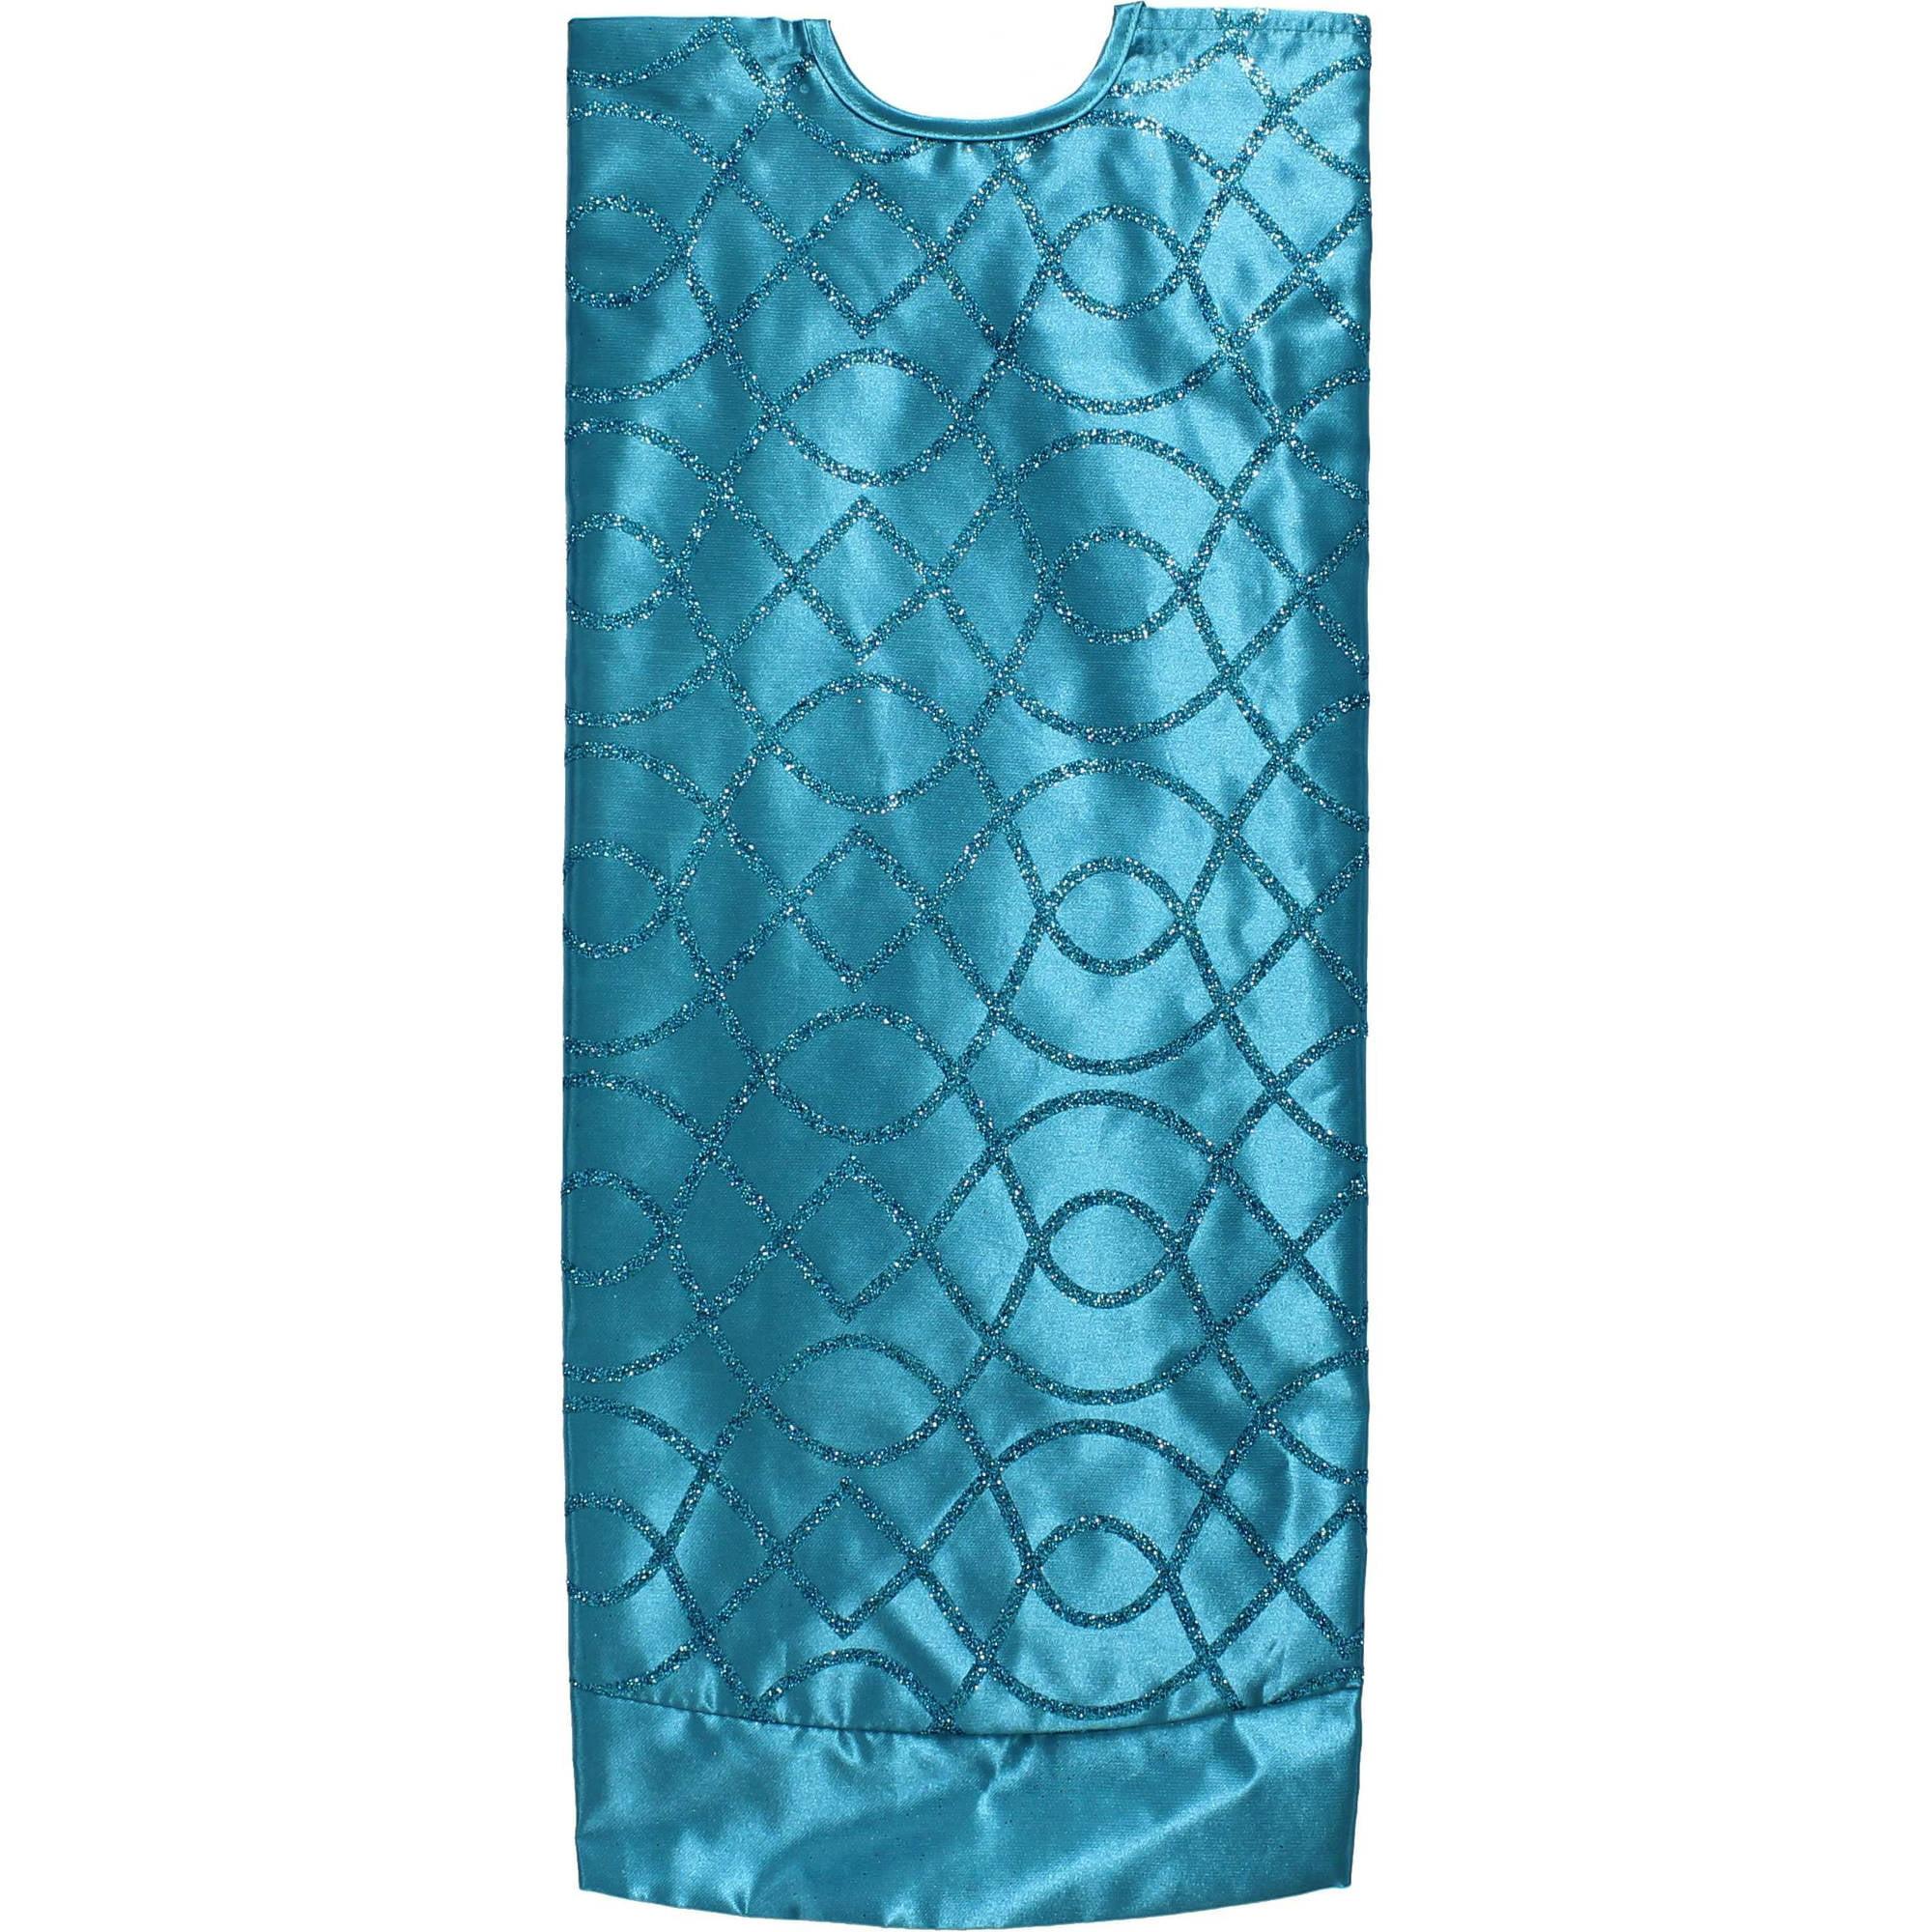 holiday time christmas decor blue lattice 48 tree skirt walmartcom - Teal Christmas Tree Skirt